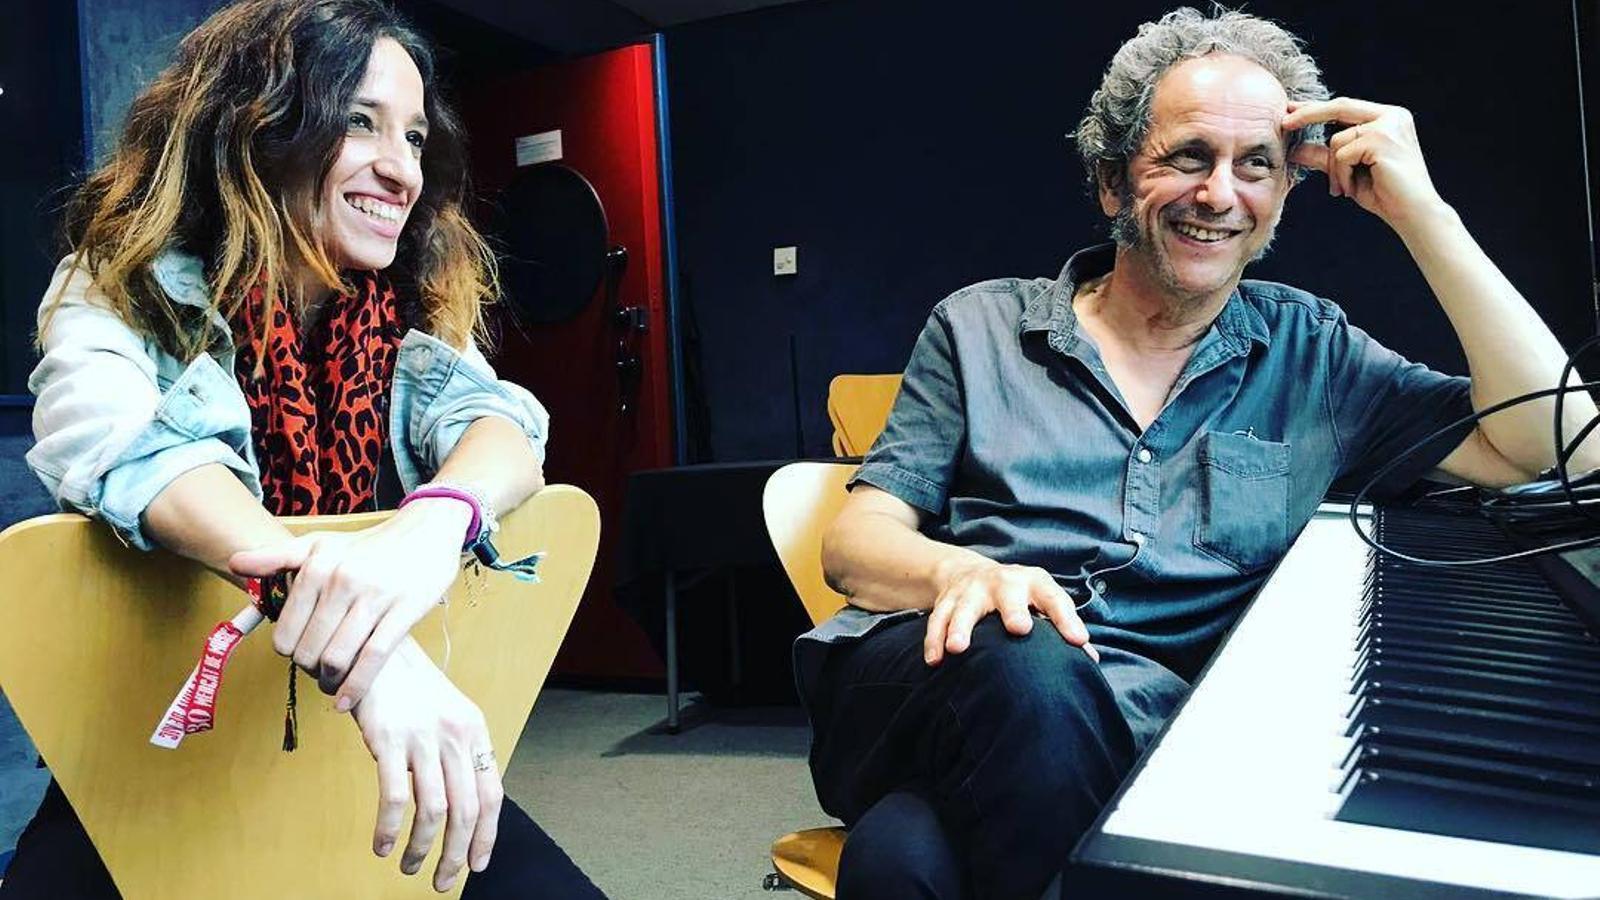 Ivette Nadal i Pascal Comelade a l'estudi de gravació.